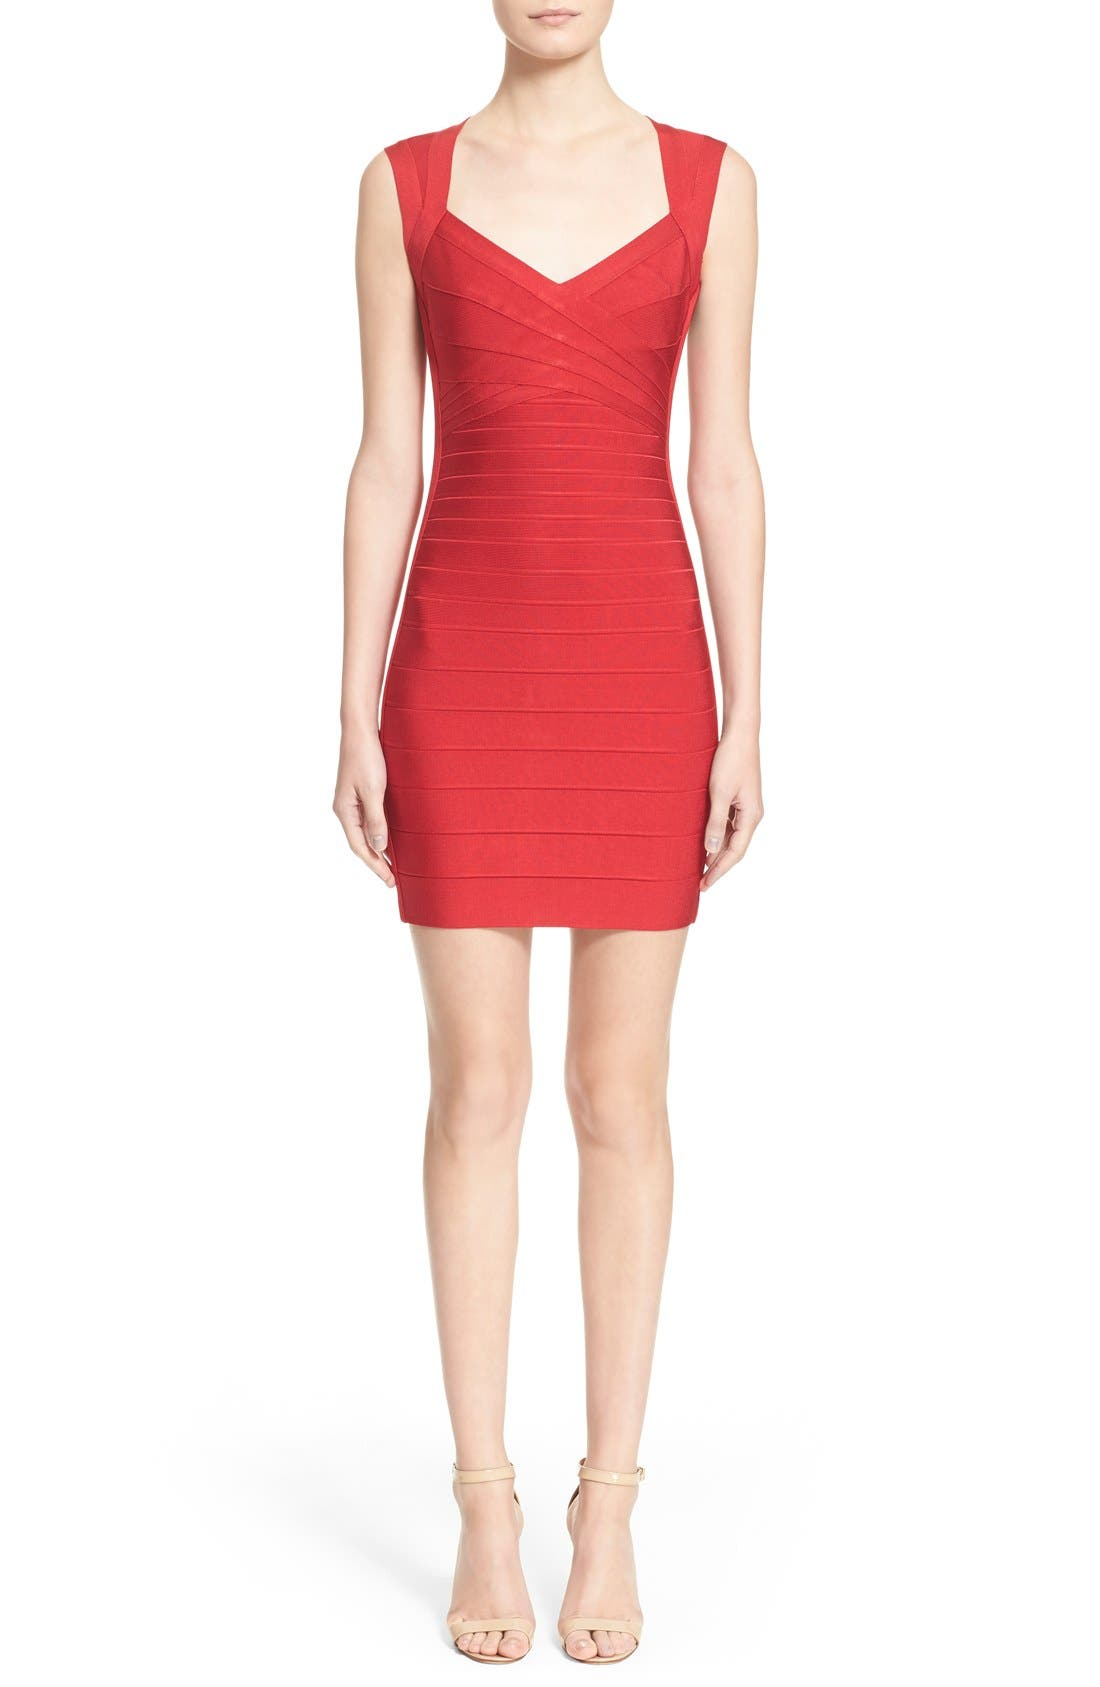 HERVE LEGER Open Back Bandage Dress, Main, color, 616